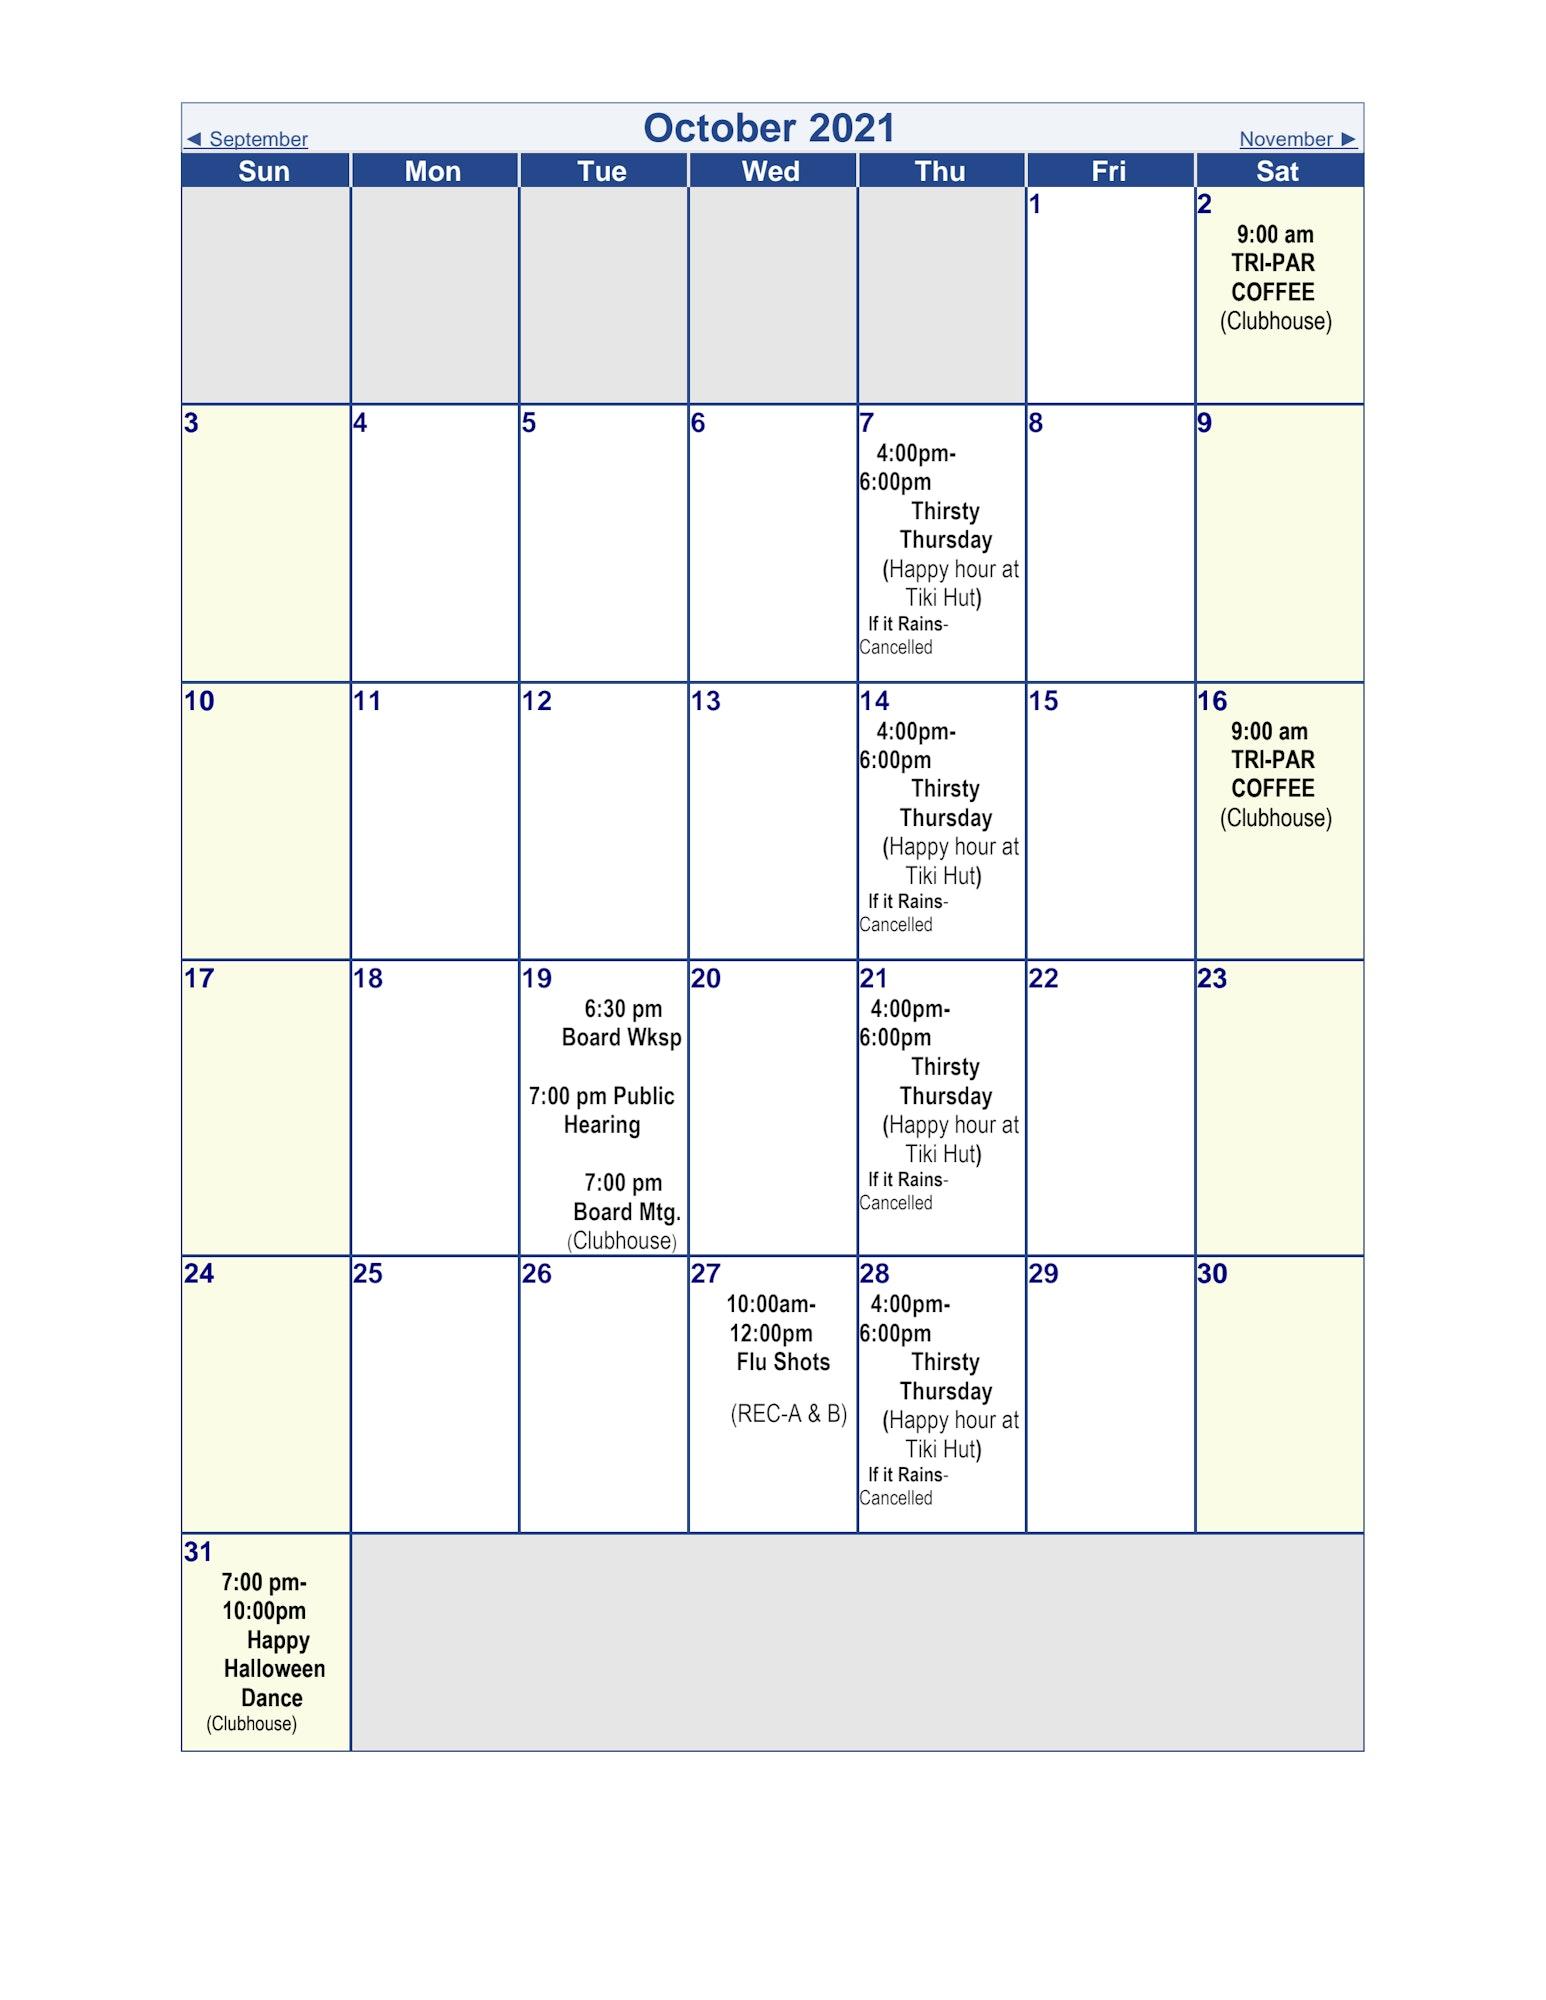 October 2021 event calendar